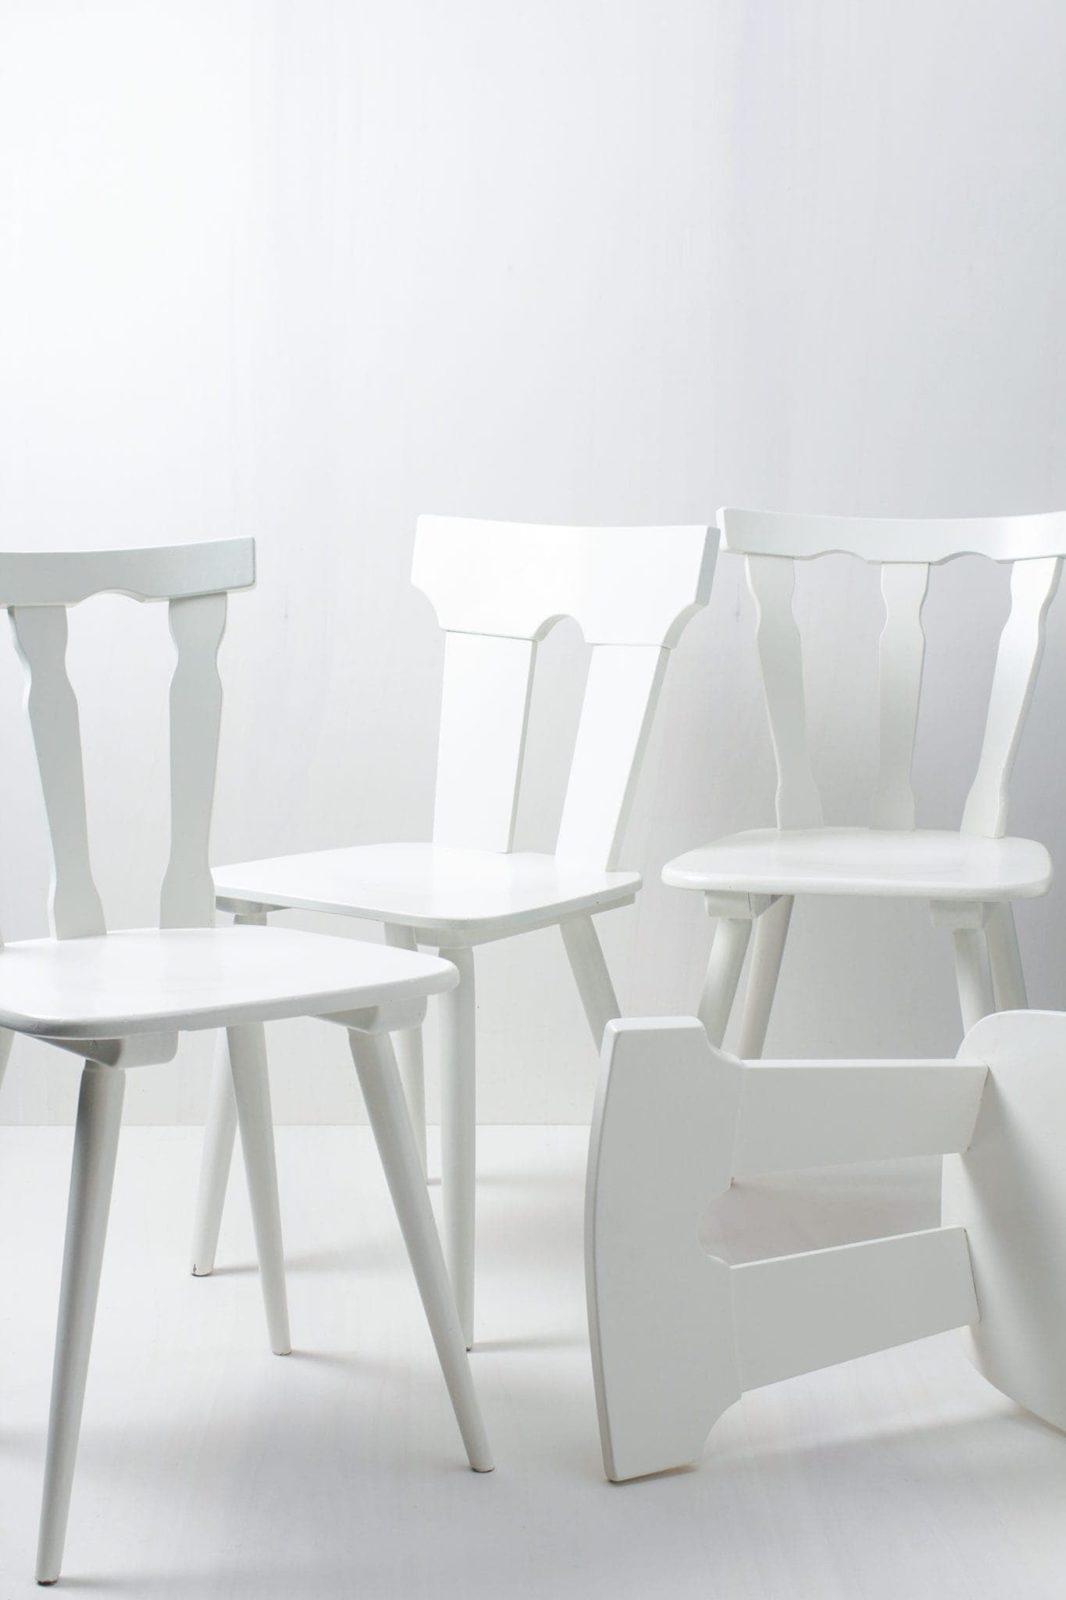 Bauernstühle Isabel und Pilar | Gemischte weiß seidenmatt lackierte Bauernstühle Isabel und Pilar. Die Farbe kann auf Wunsch geändert werden. | gotvintage Rental & Event Design